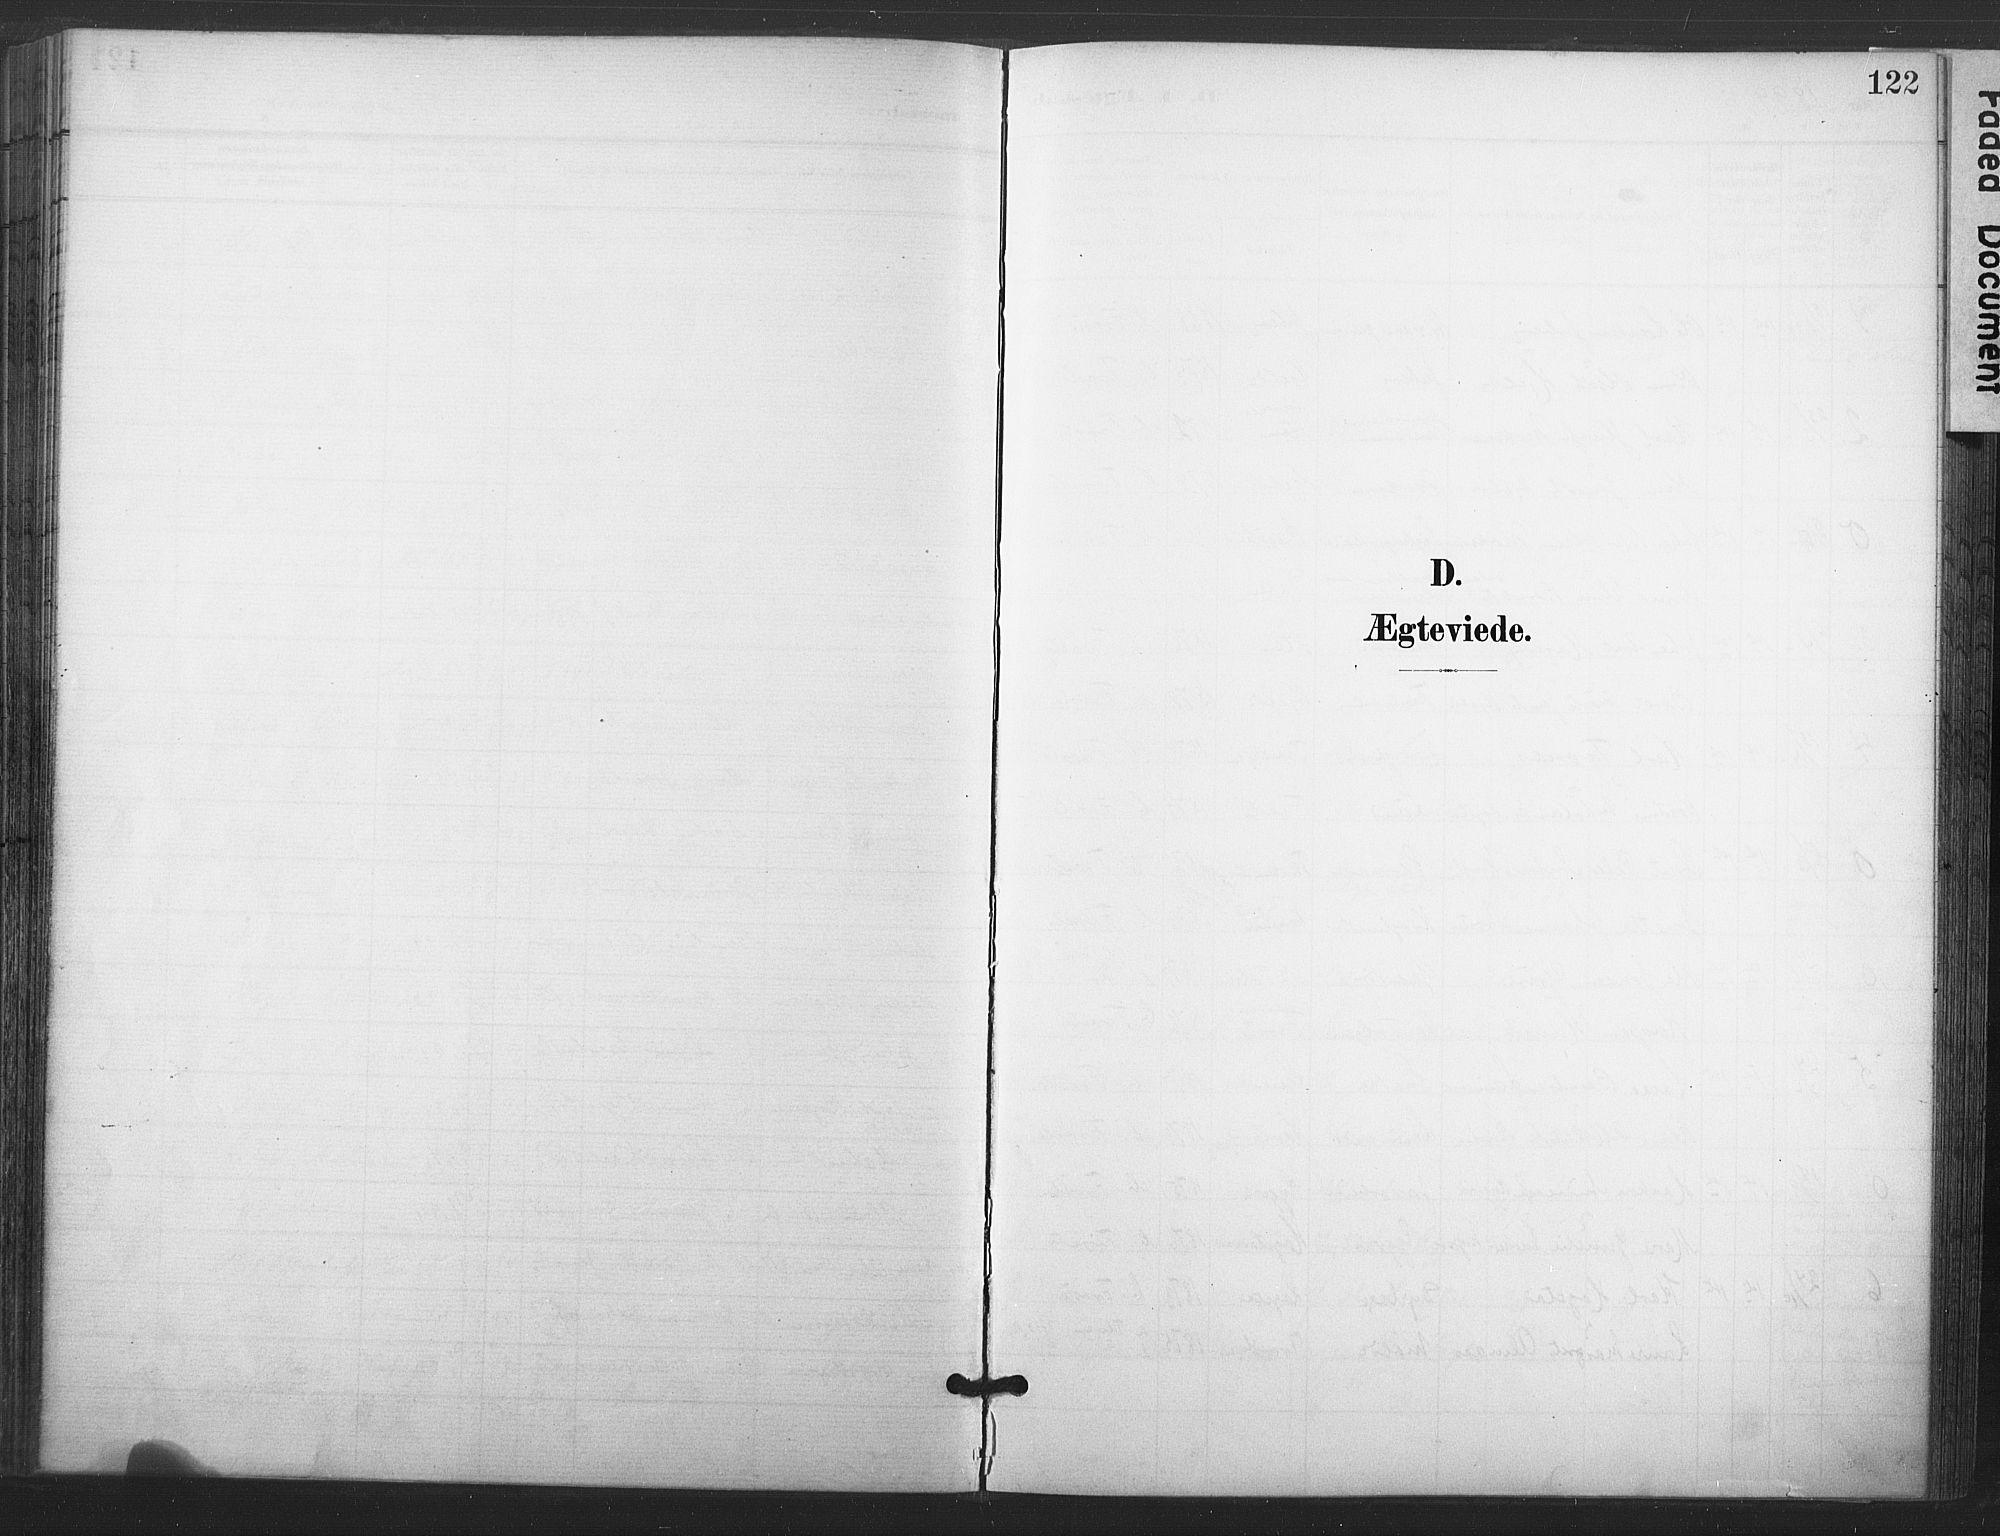 SAT, Ministerialprotokoller, klokkerbøker og fødselsregistre - Nord-Trøndelag, 713/L0122: Ministerialbok nr. 713A11, 1899-1910, s. 122